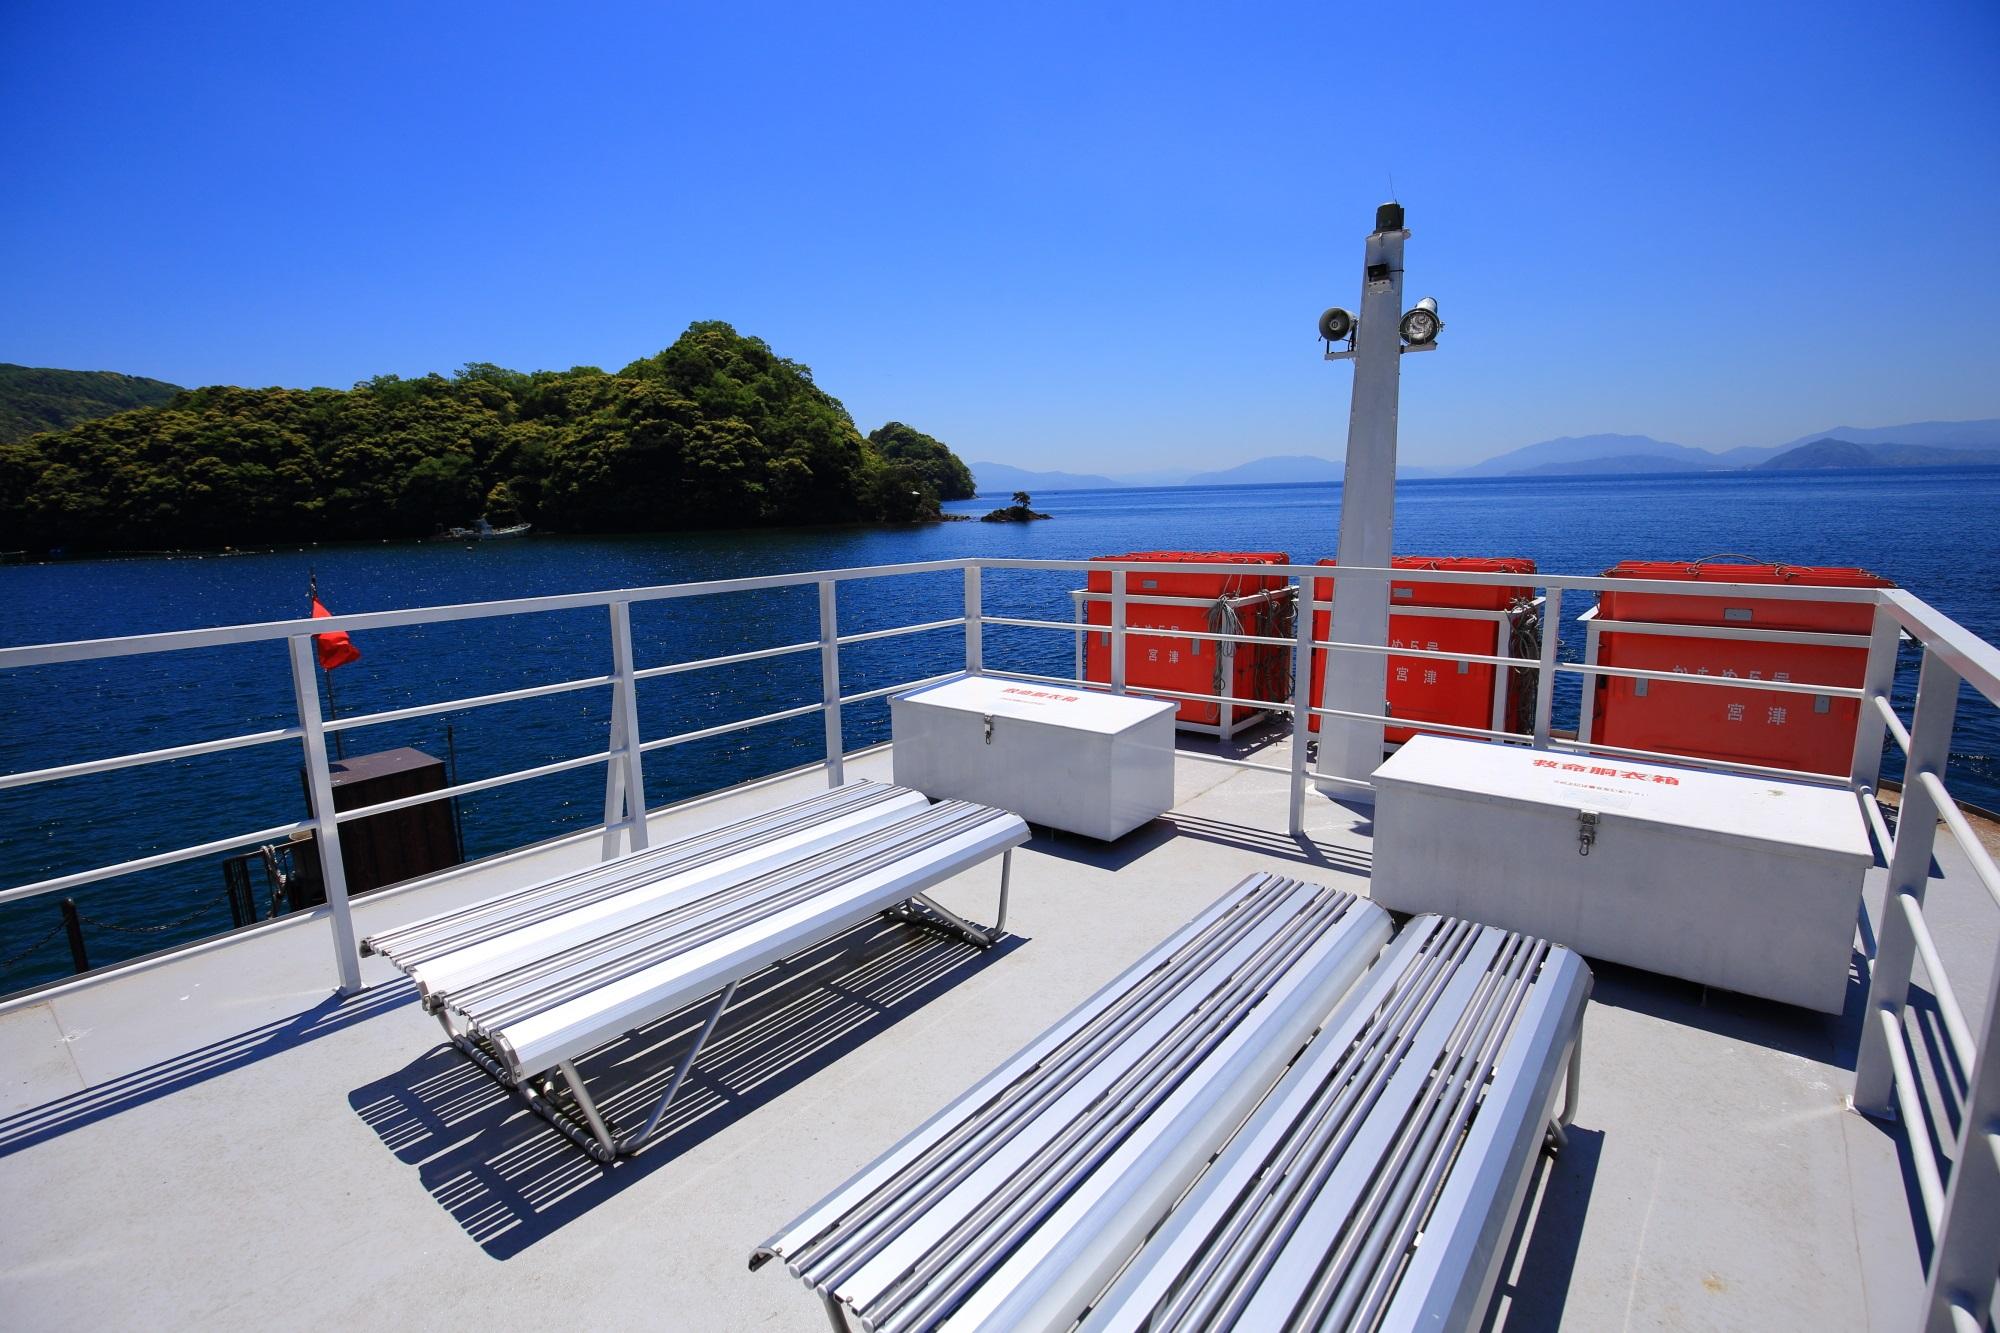 デッキには十分な広さがある伊根湾巡りの遊覧船